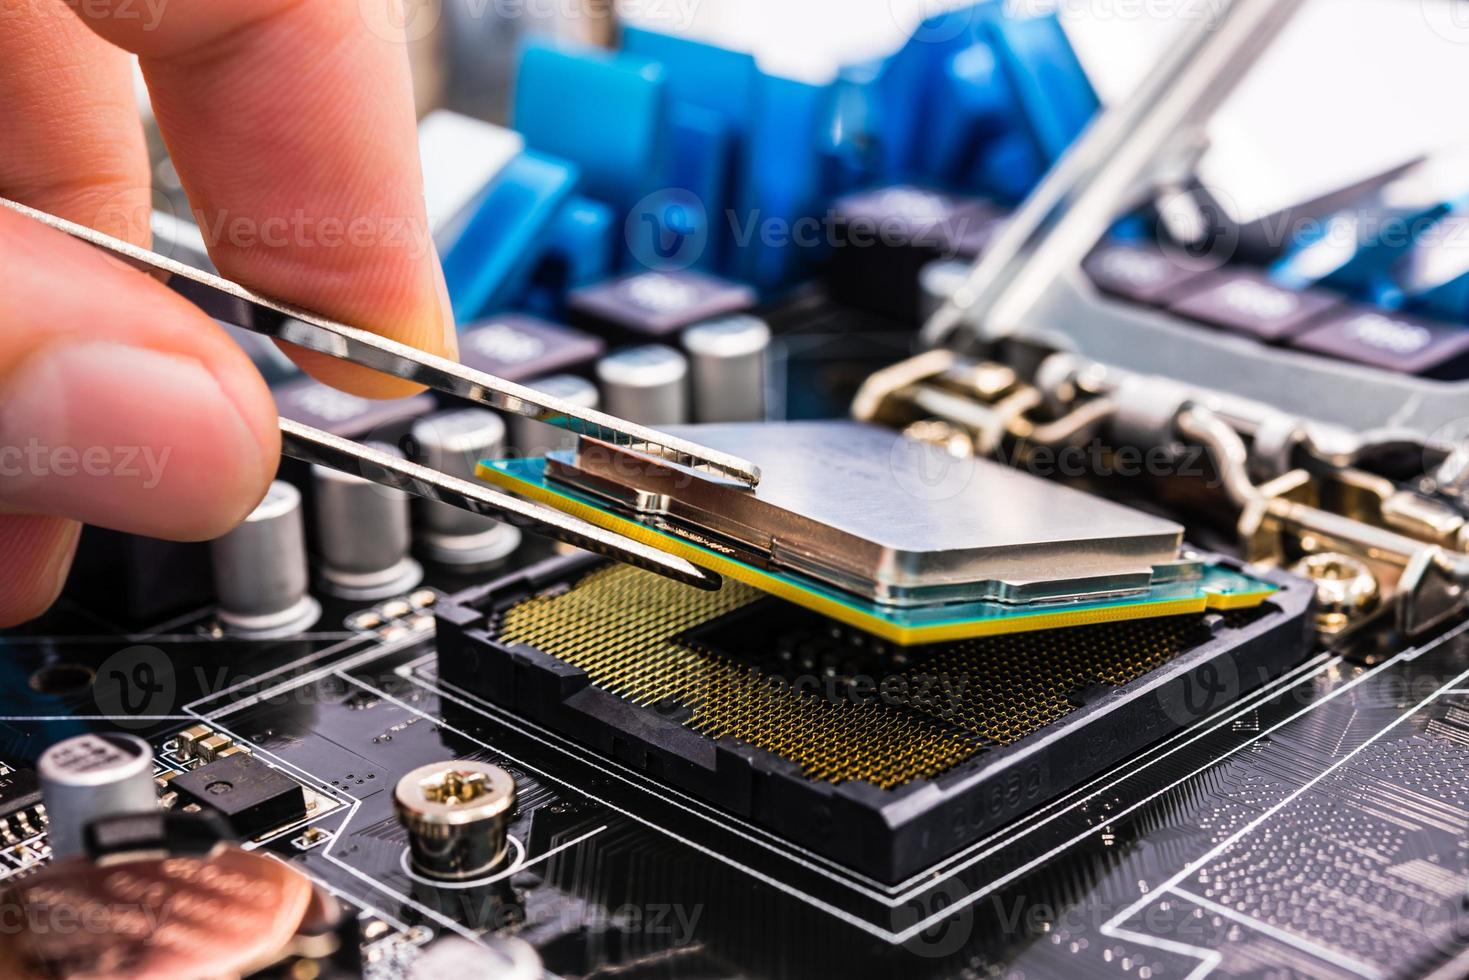 Computer repair photo